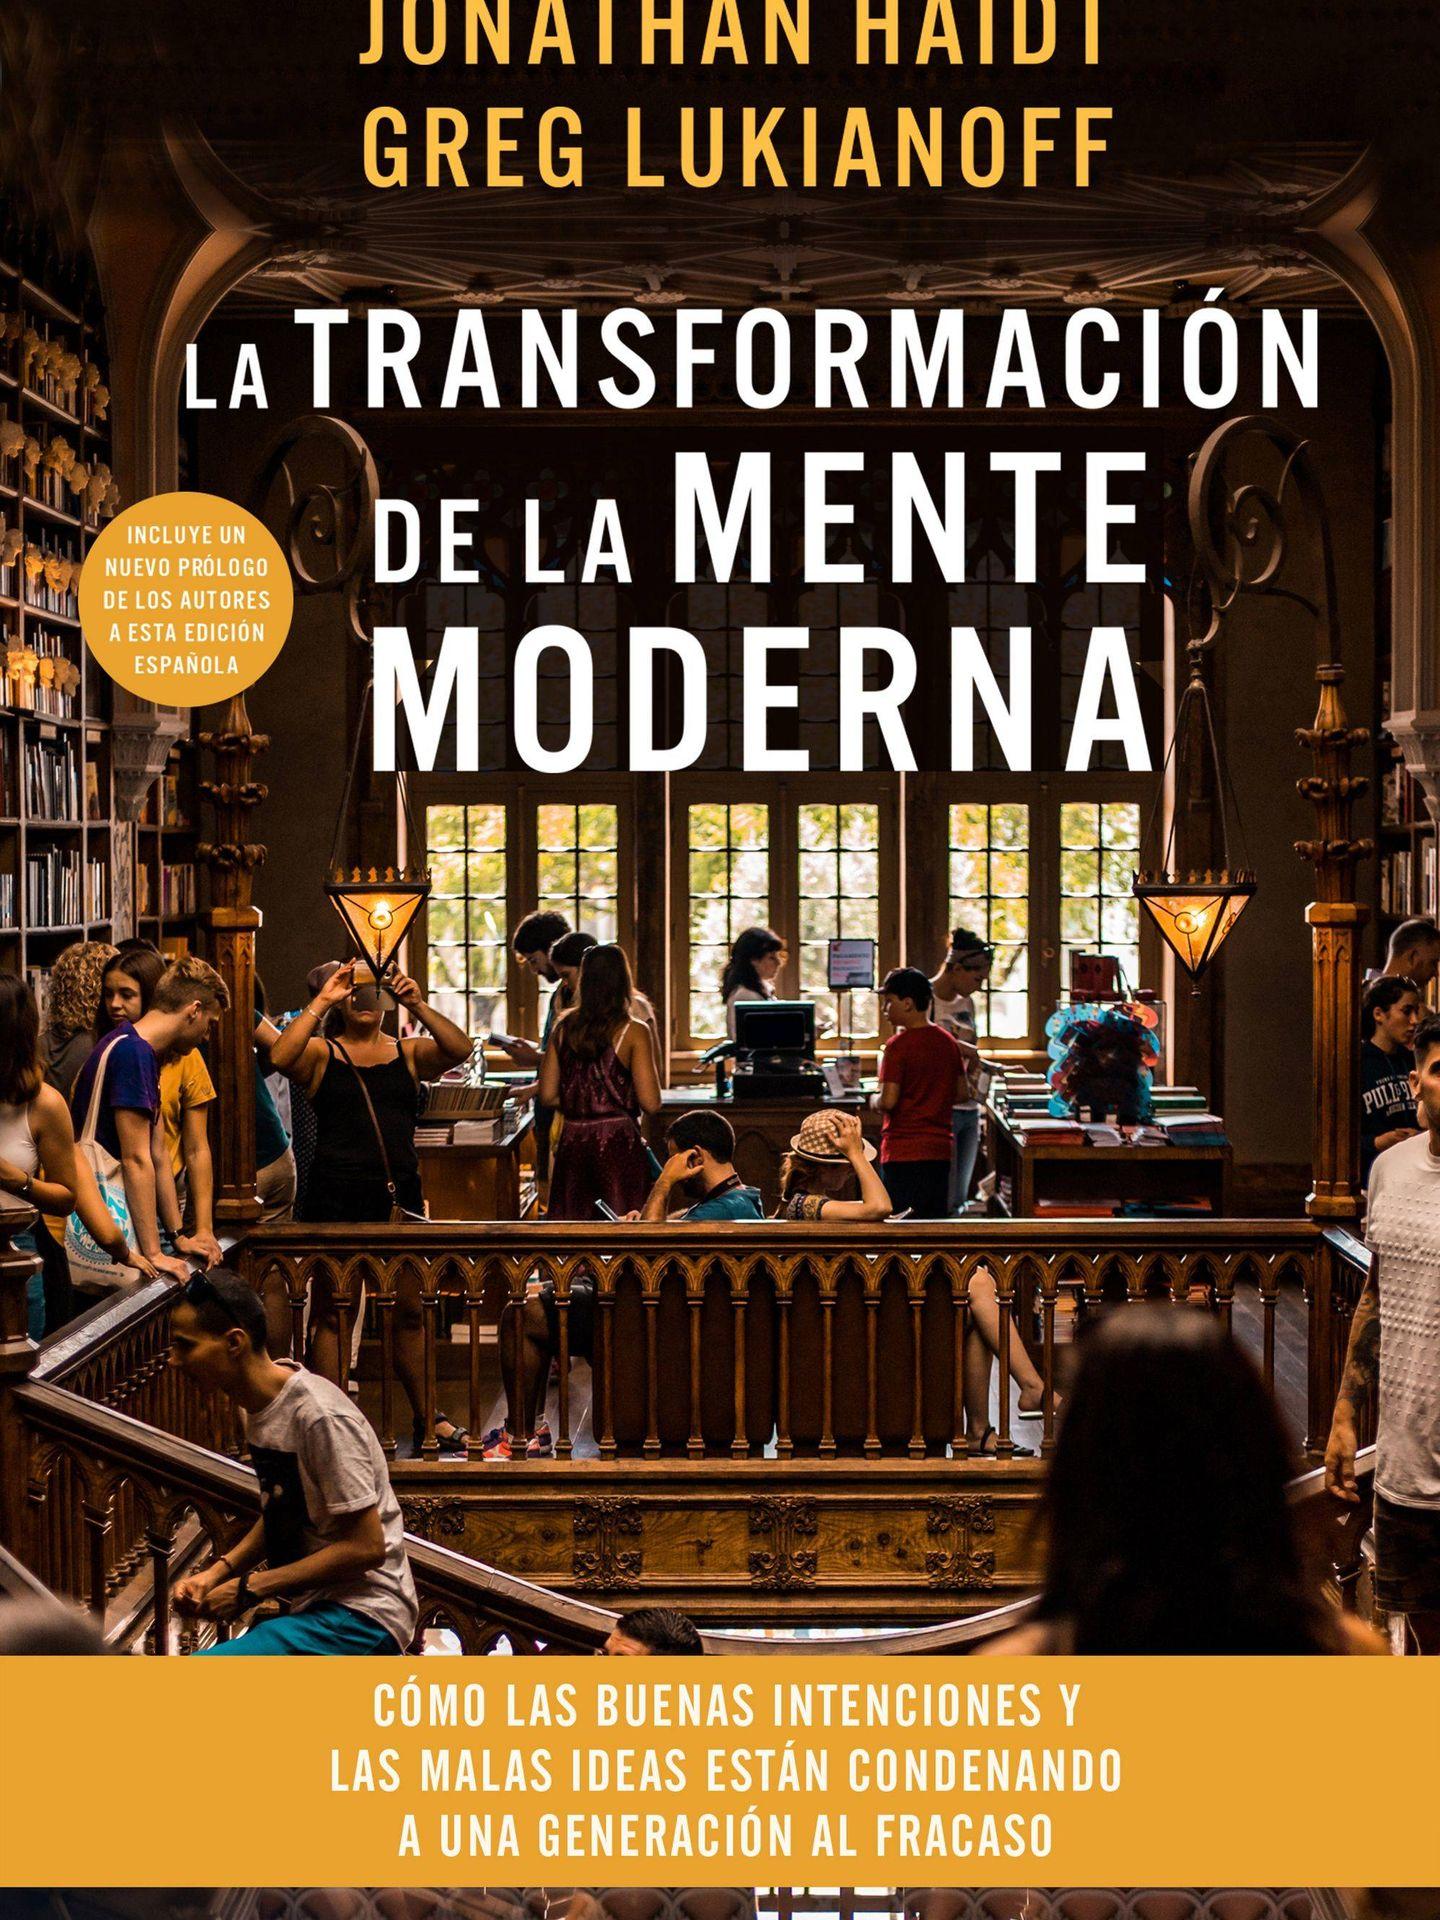 'La transformación de la mente moderna' (Deusto).